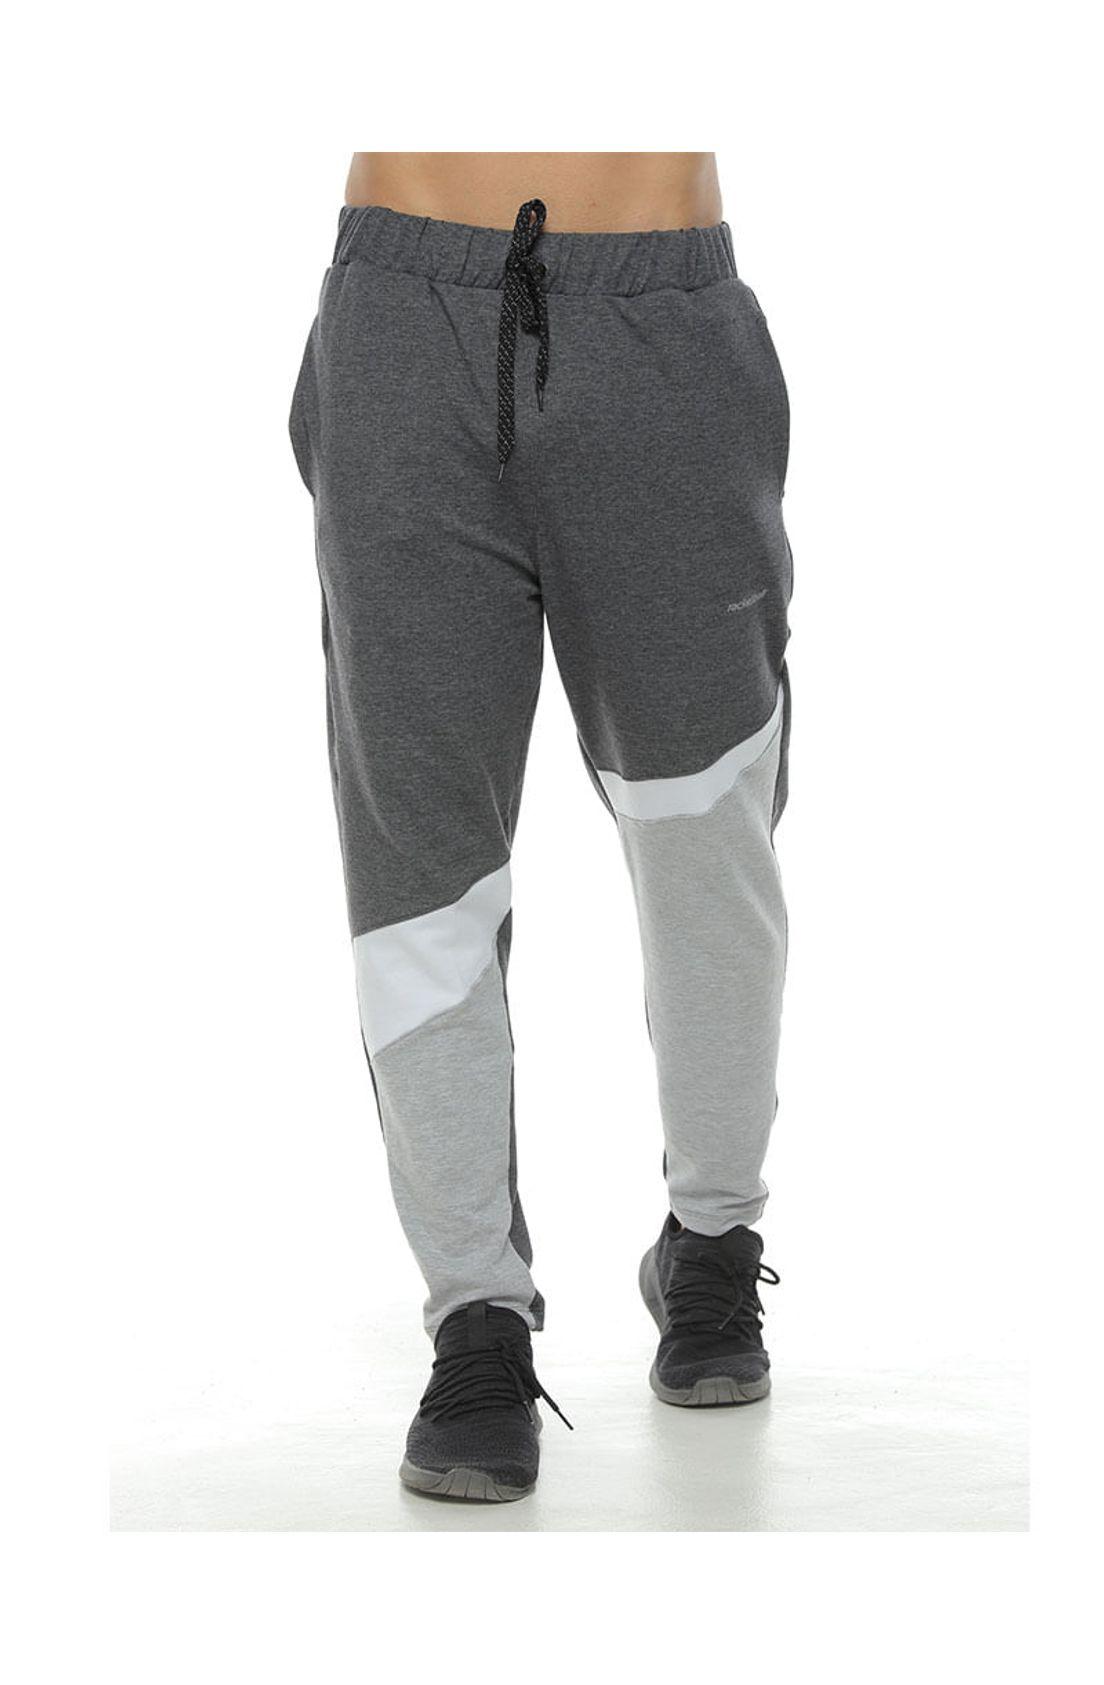 Pantalon Jogger Color Negro Cross Para Hombre Racketball Tennis